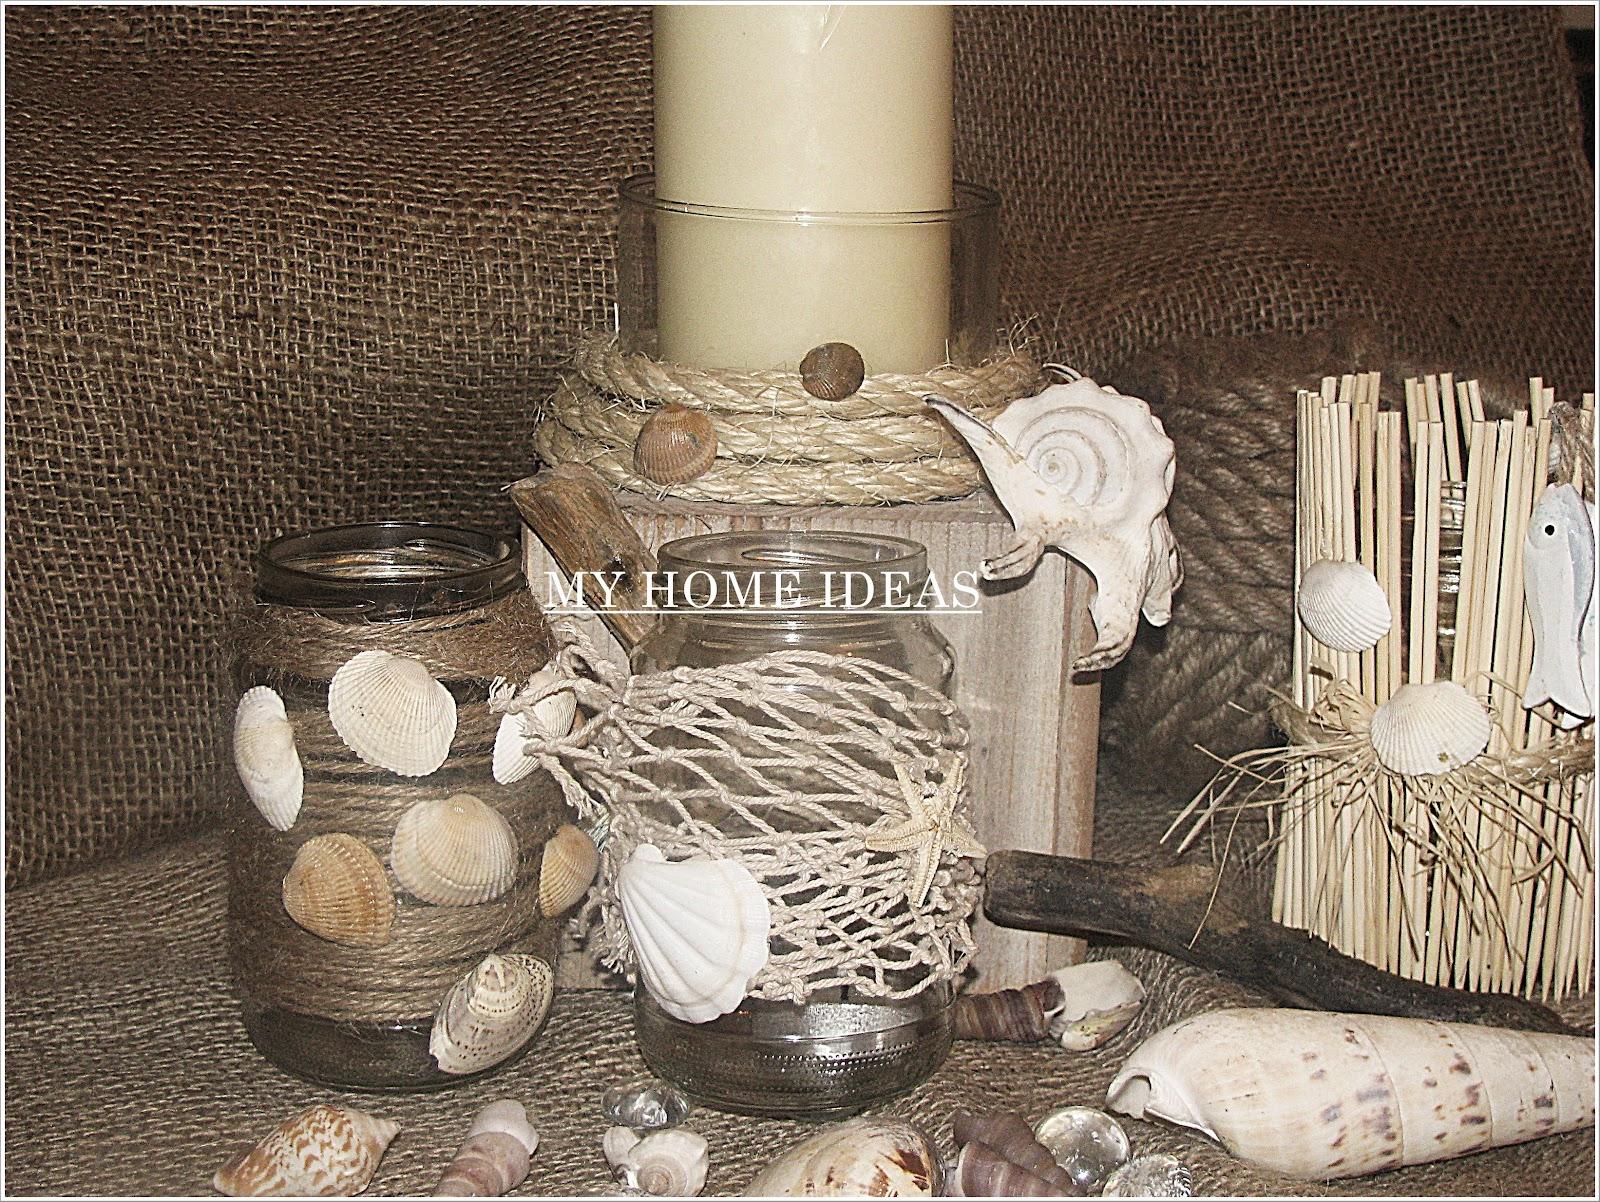 My Home Ideas Dekoracje Marynistyczne Z Serii Zrob To Sam